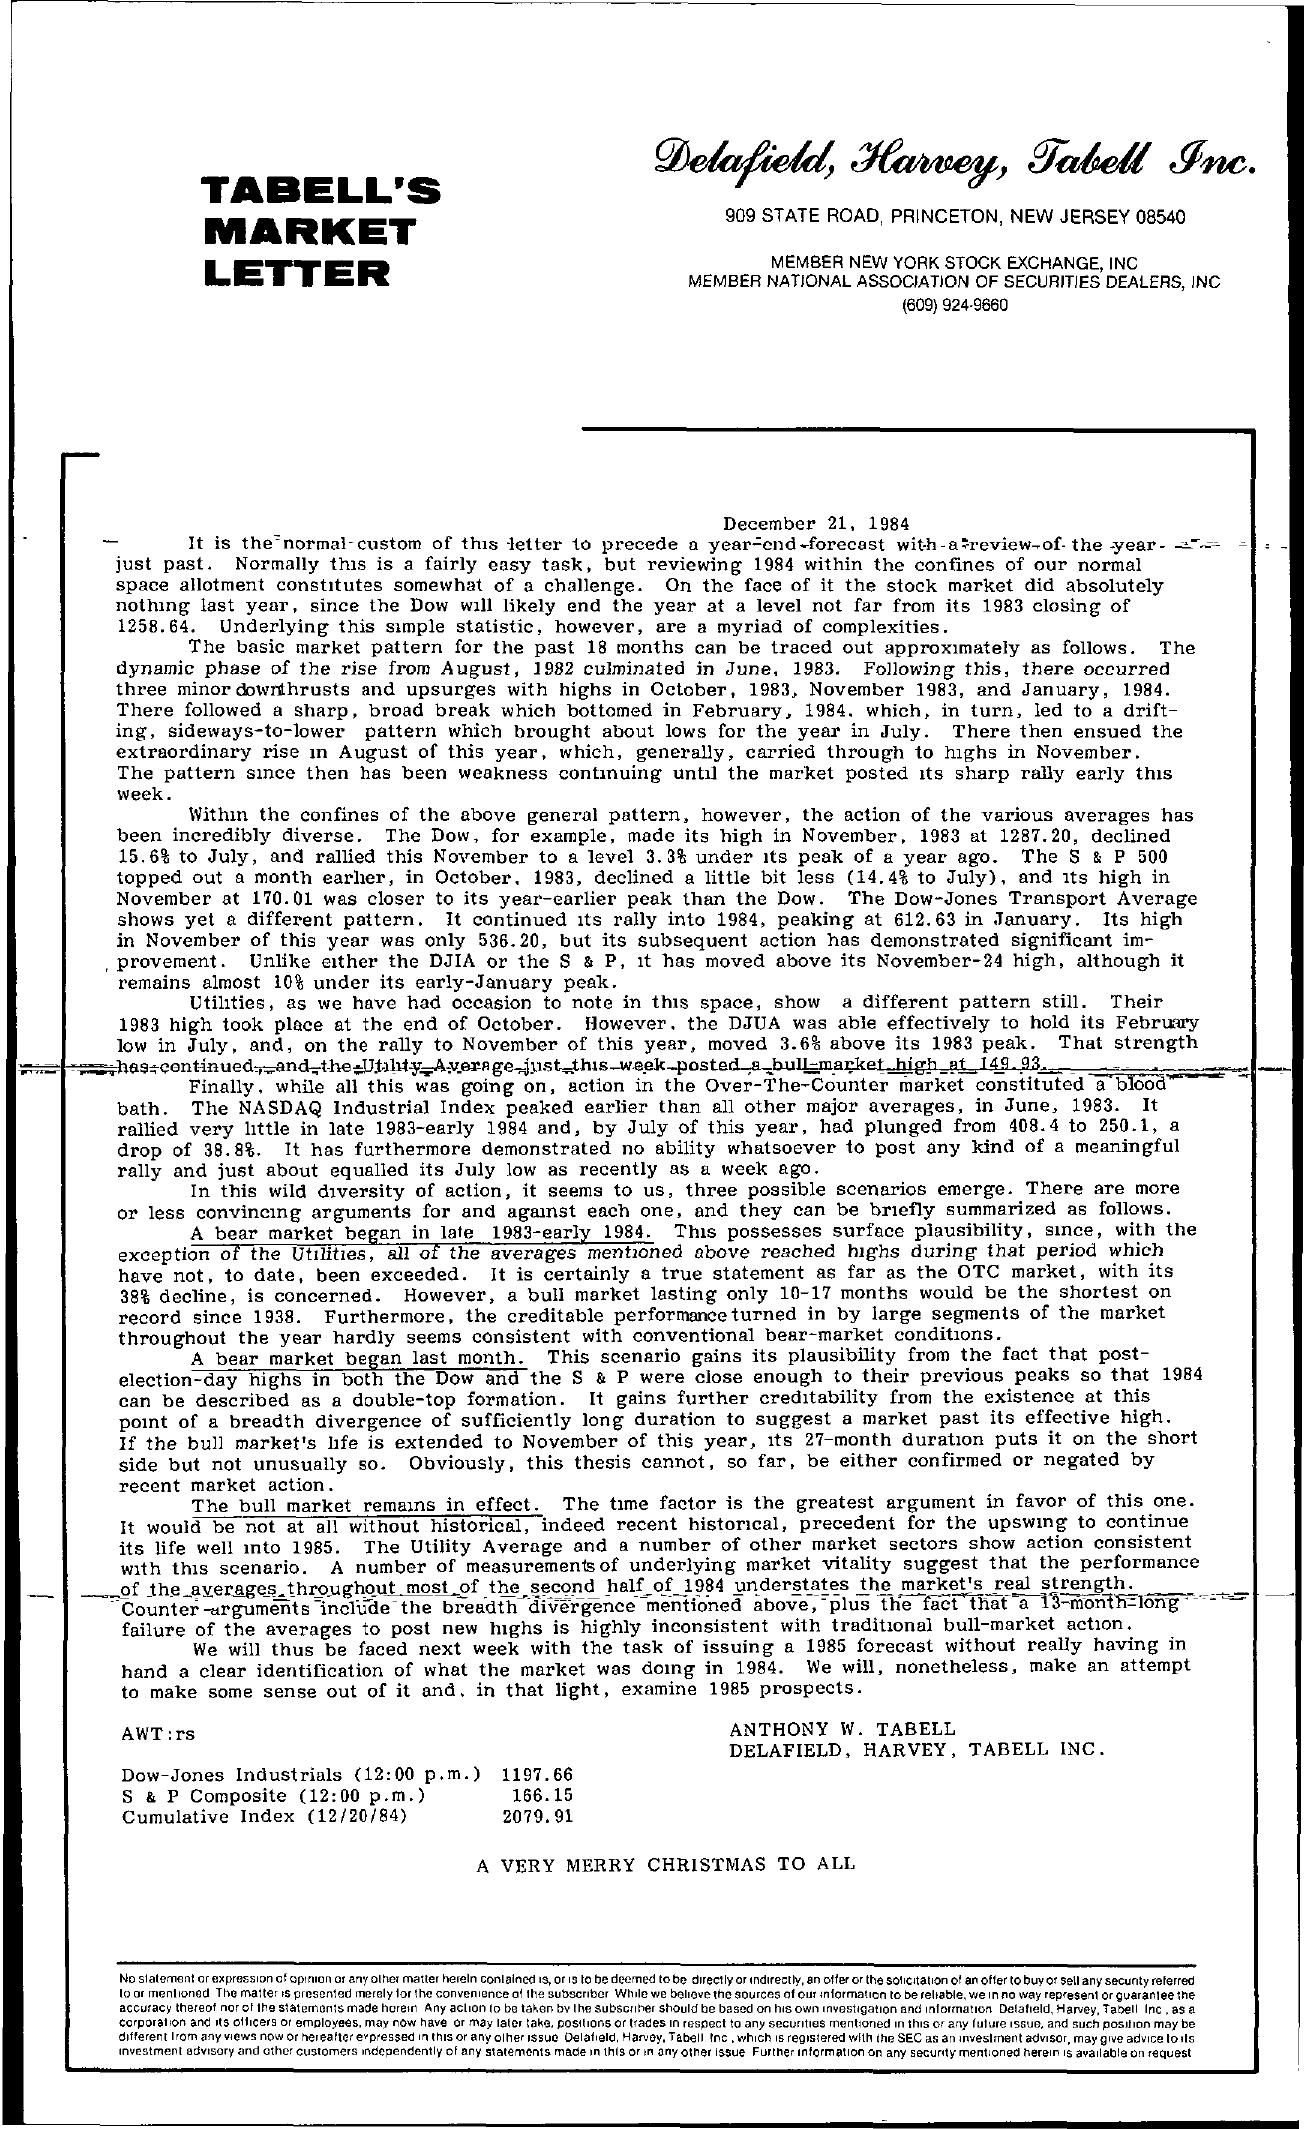 Tabell's Market Letter - December 21, 1984